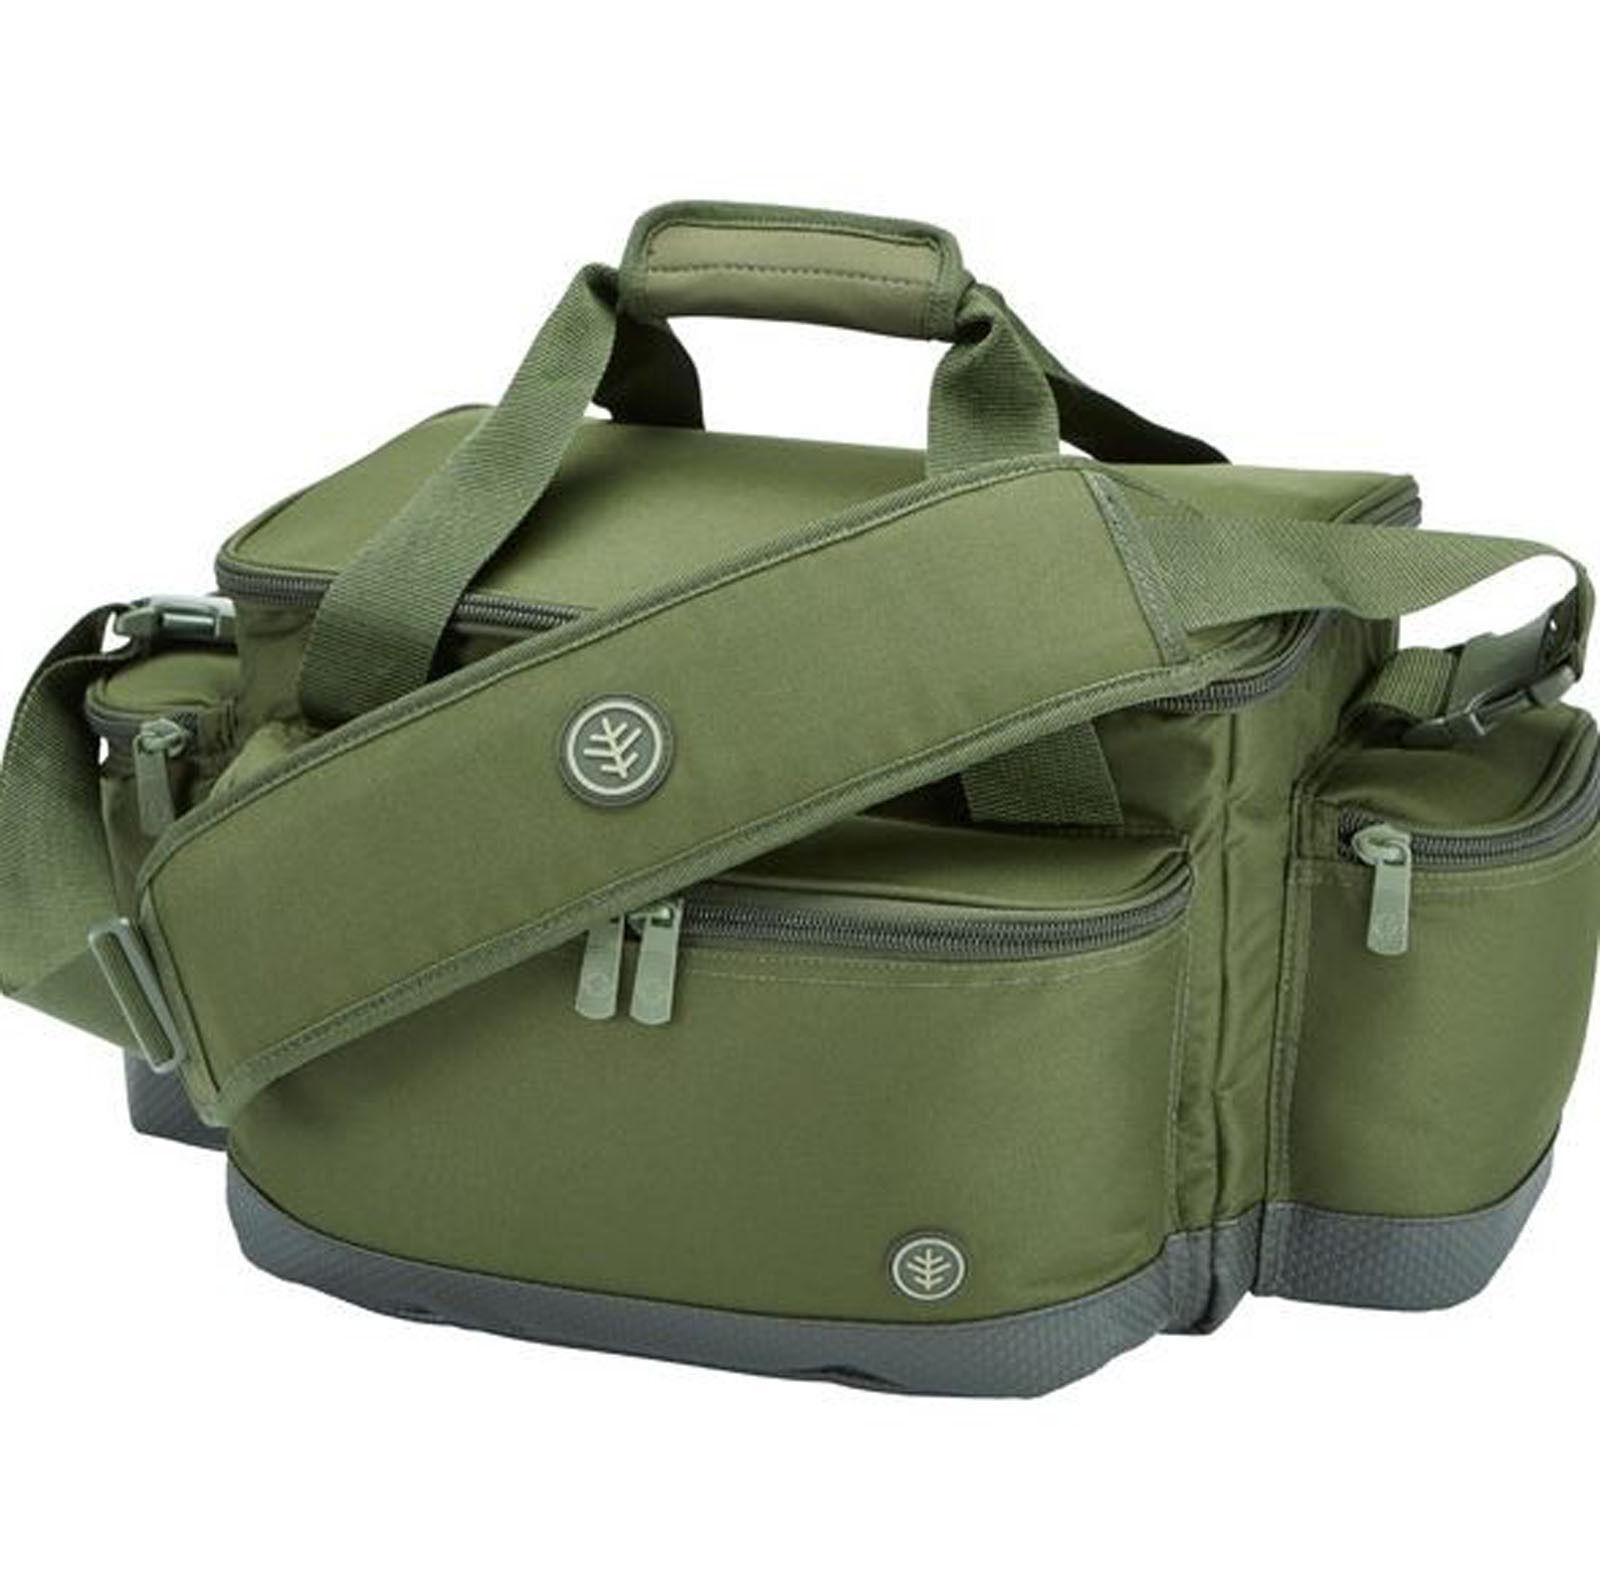 Sistema di pesca Wychwood selezionare bagagliROVER CarryallDurevole, mobile PESCA SPORTIVA